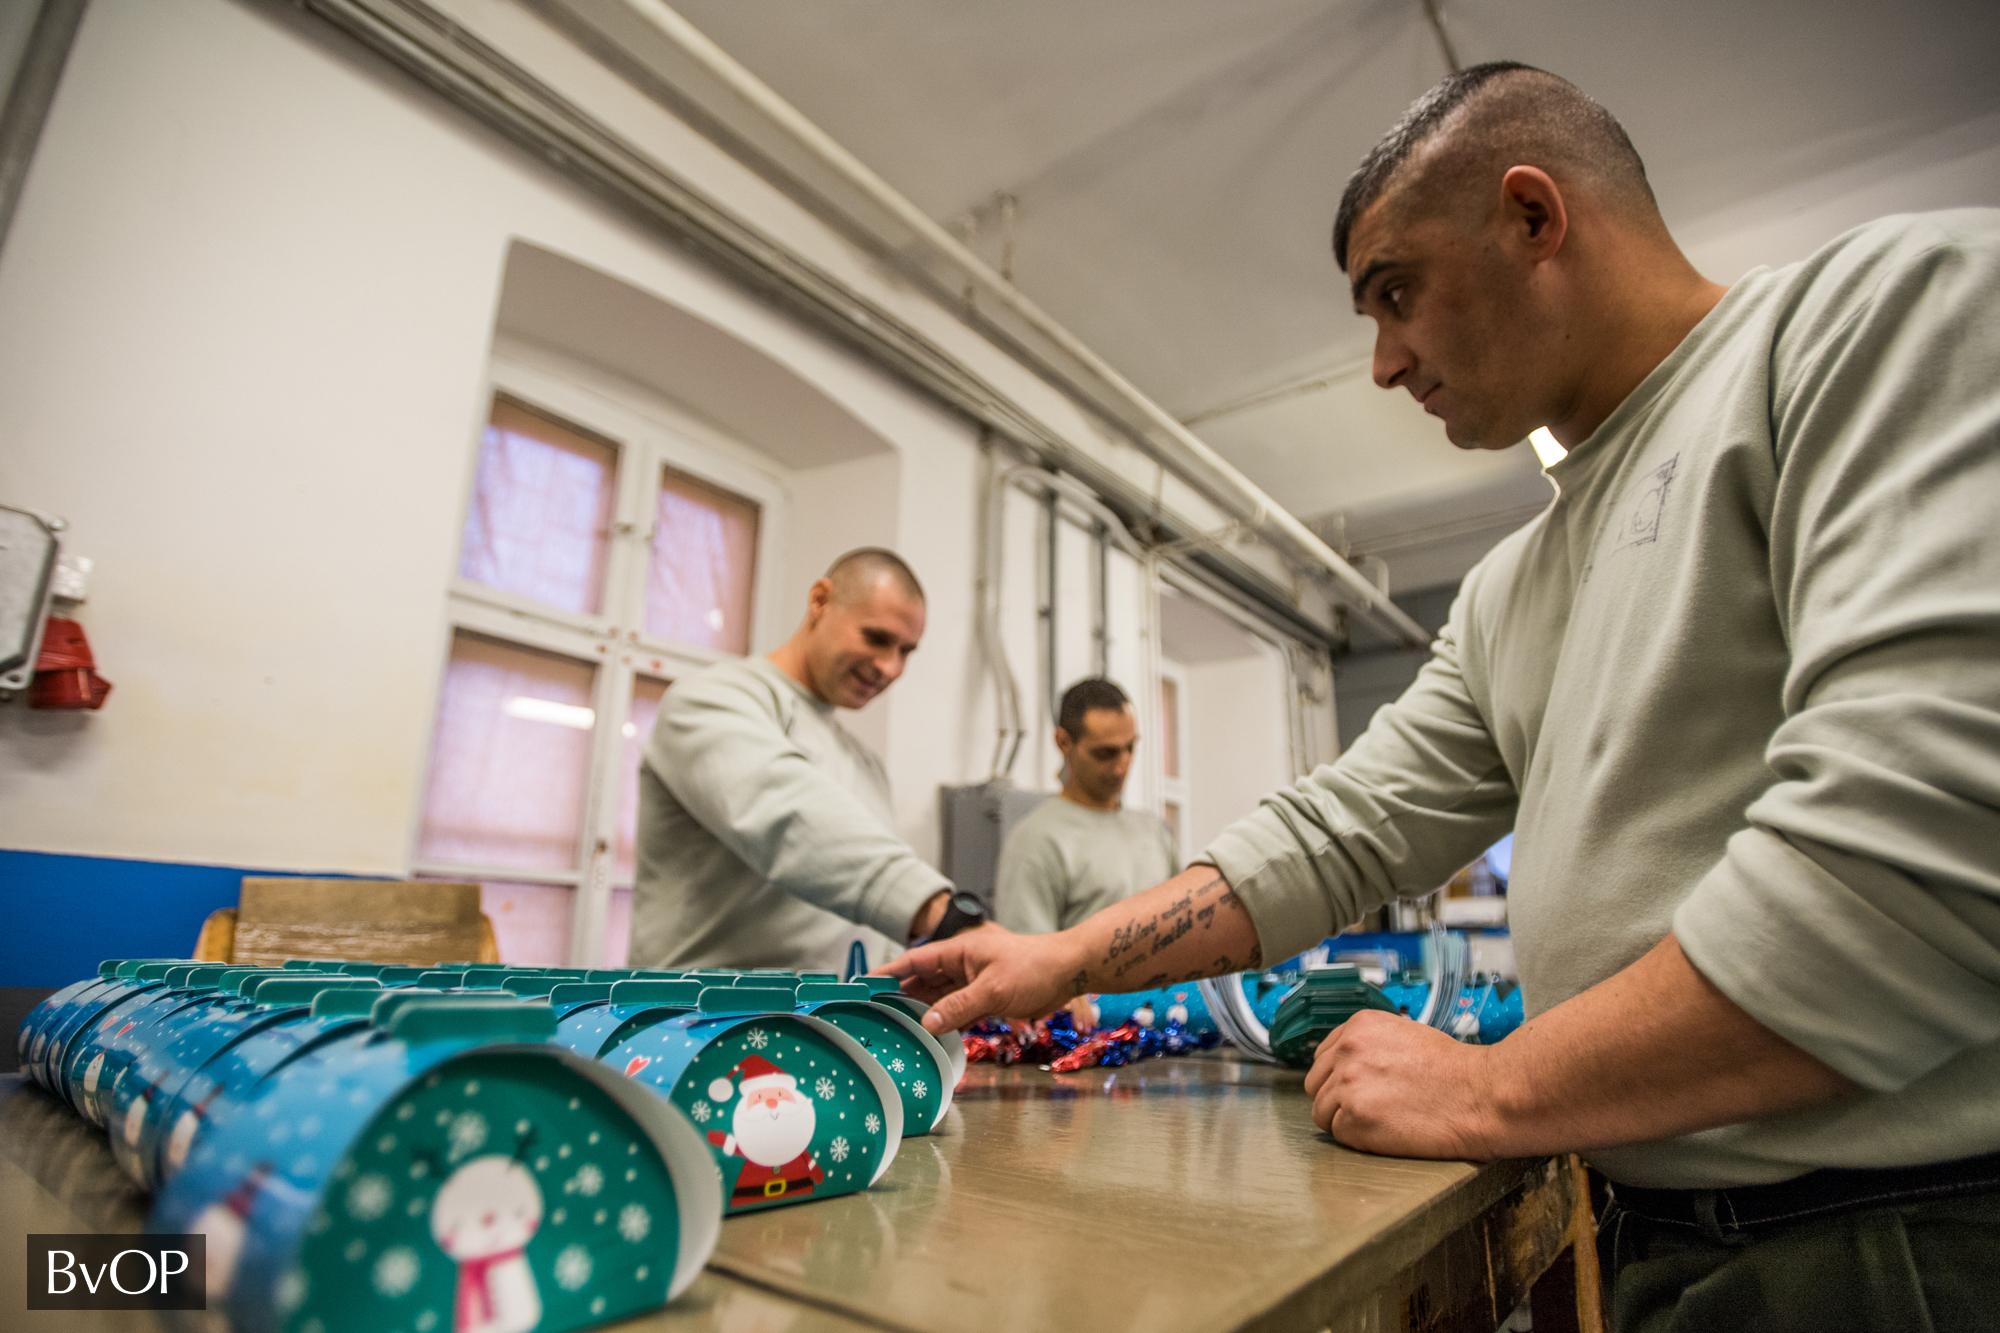 Fogvatartottak karácsonyi ajándékokat készítenek a rászorulóknak a Váci Fegyház és Börtönben működő Duna-Mix Kft. nyomdájában